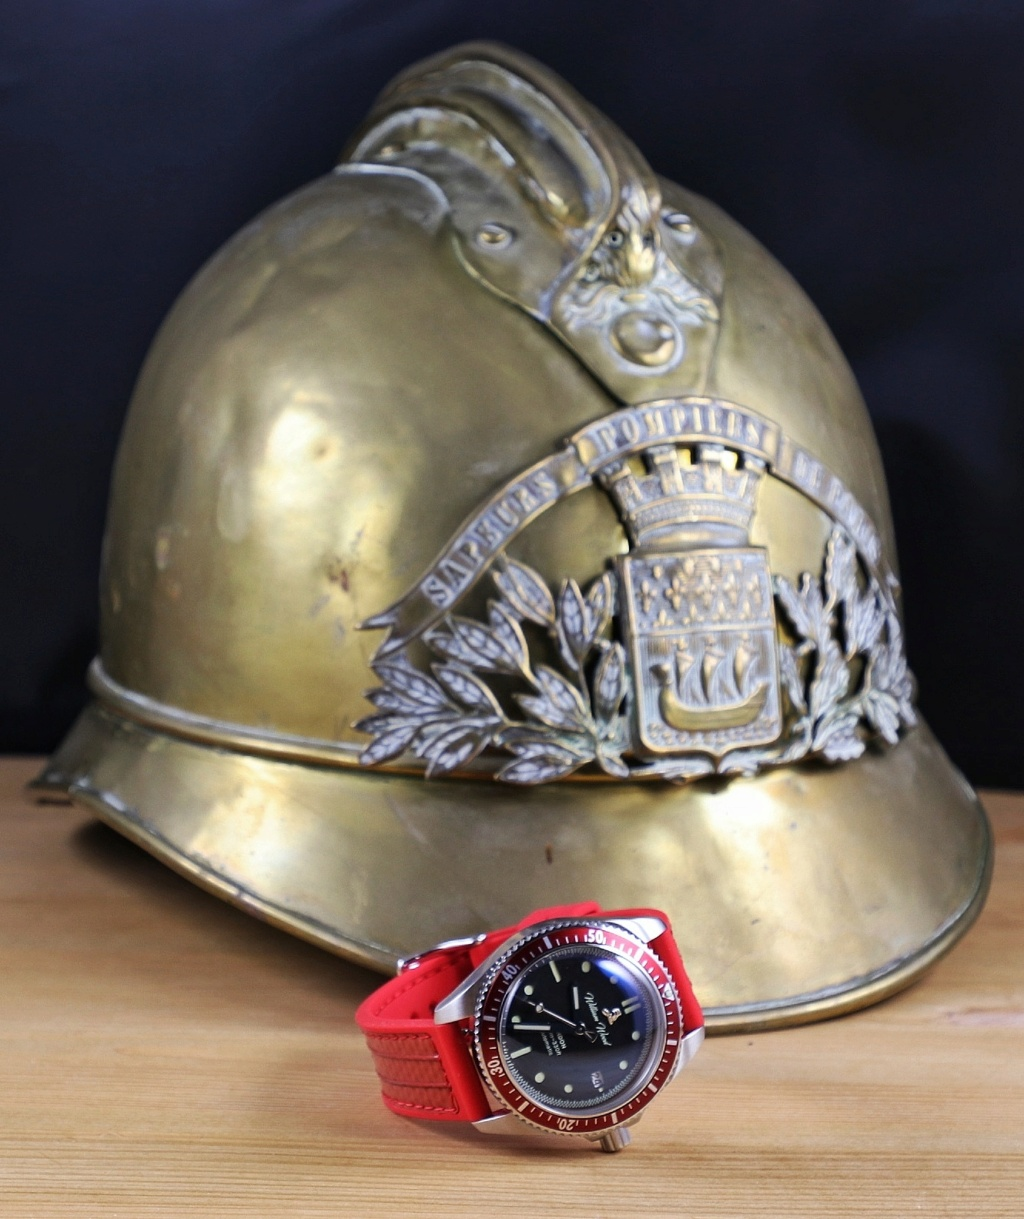 William Wood, une montre hommage aux pompiers anglais  Img_2095